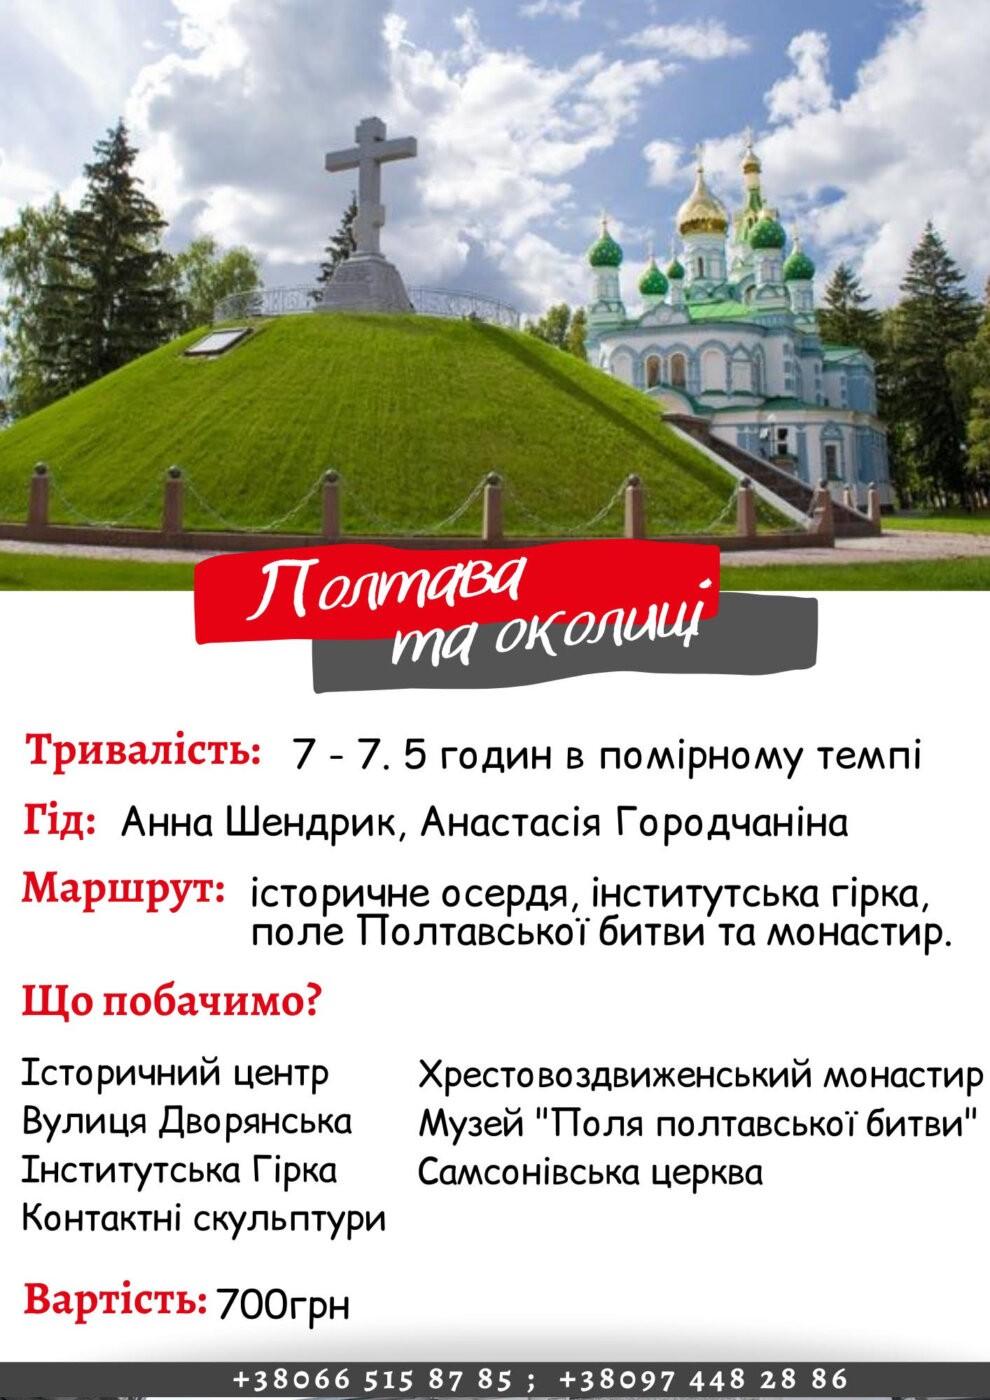 Полтава та околиці - детальна автобусно-пішохідна екскурсія